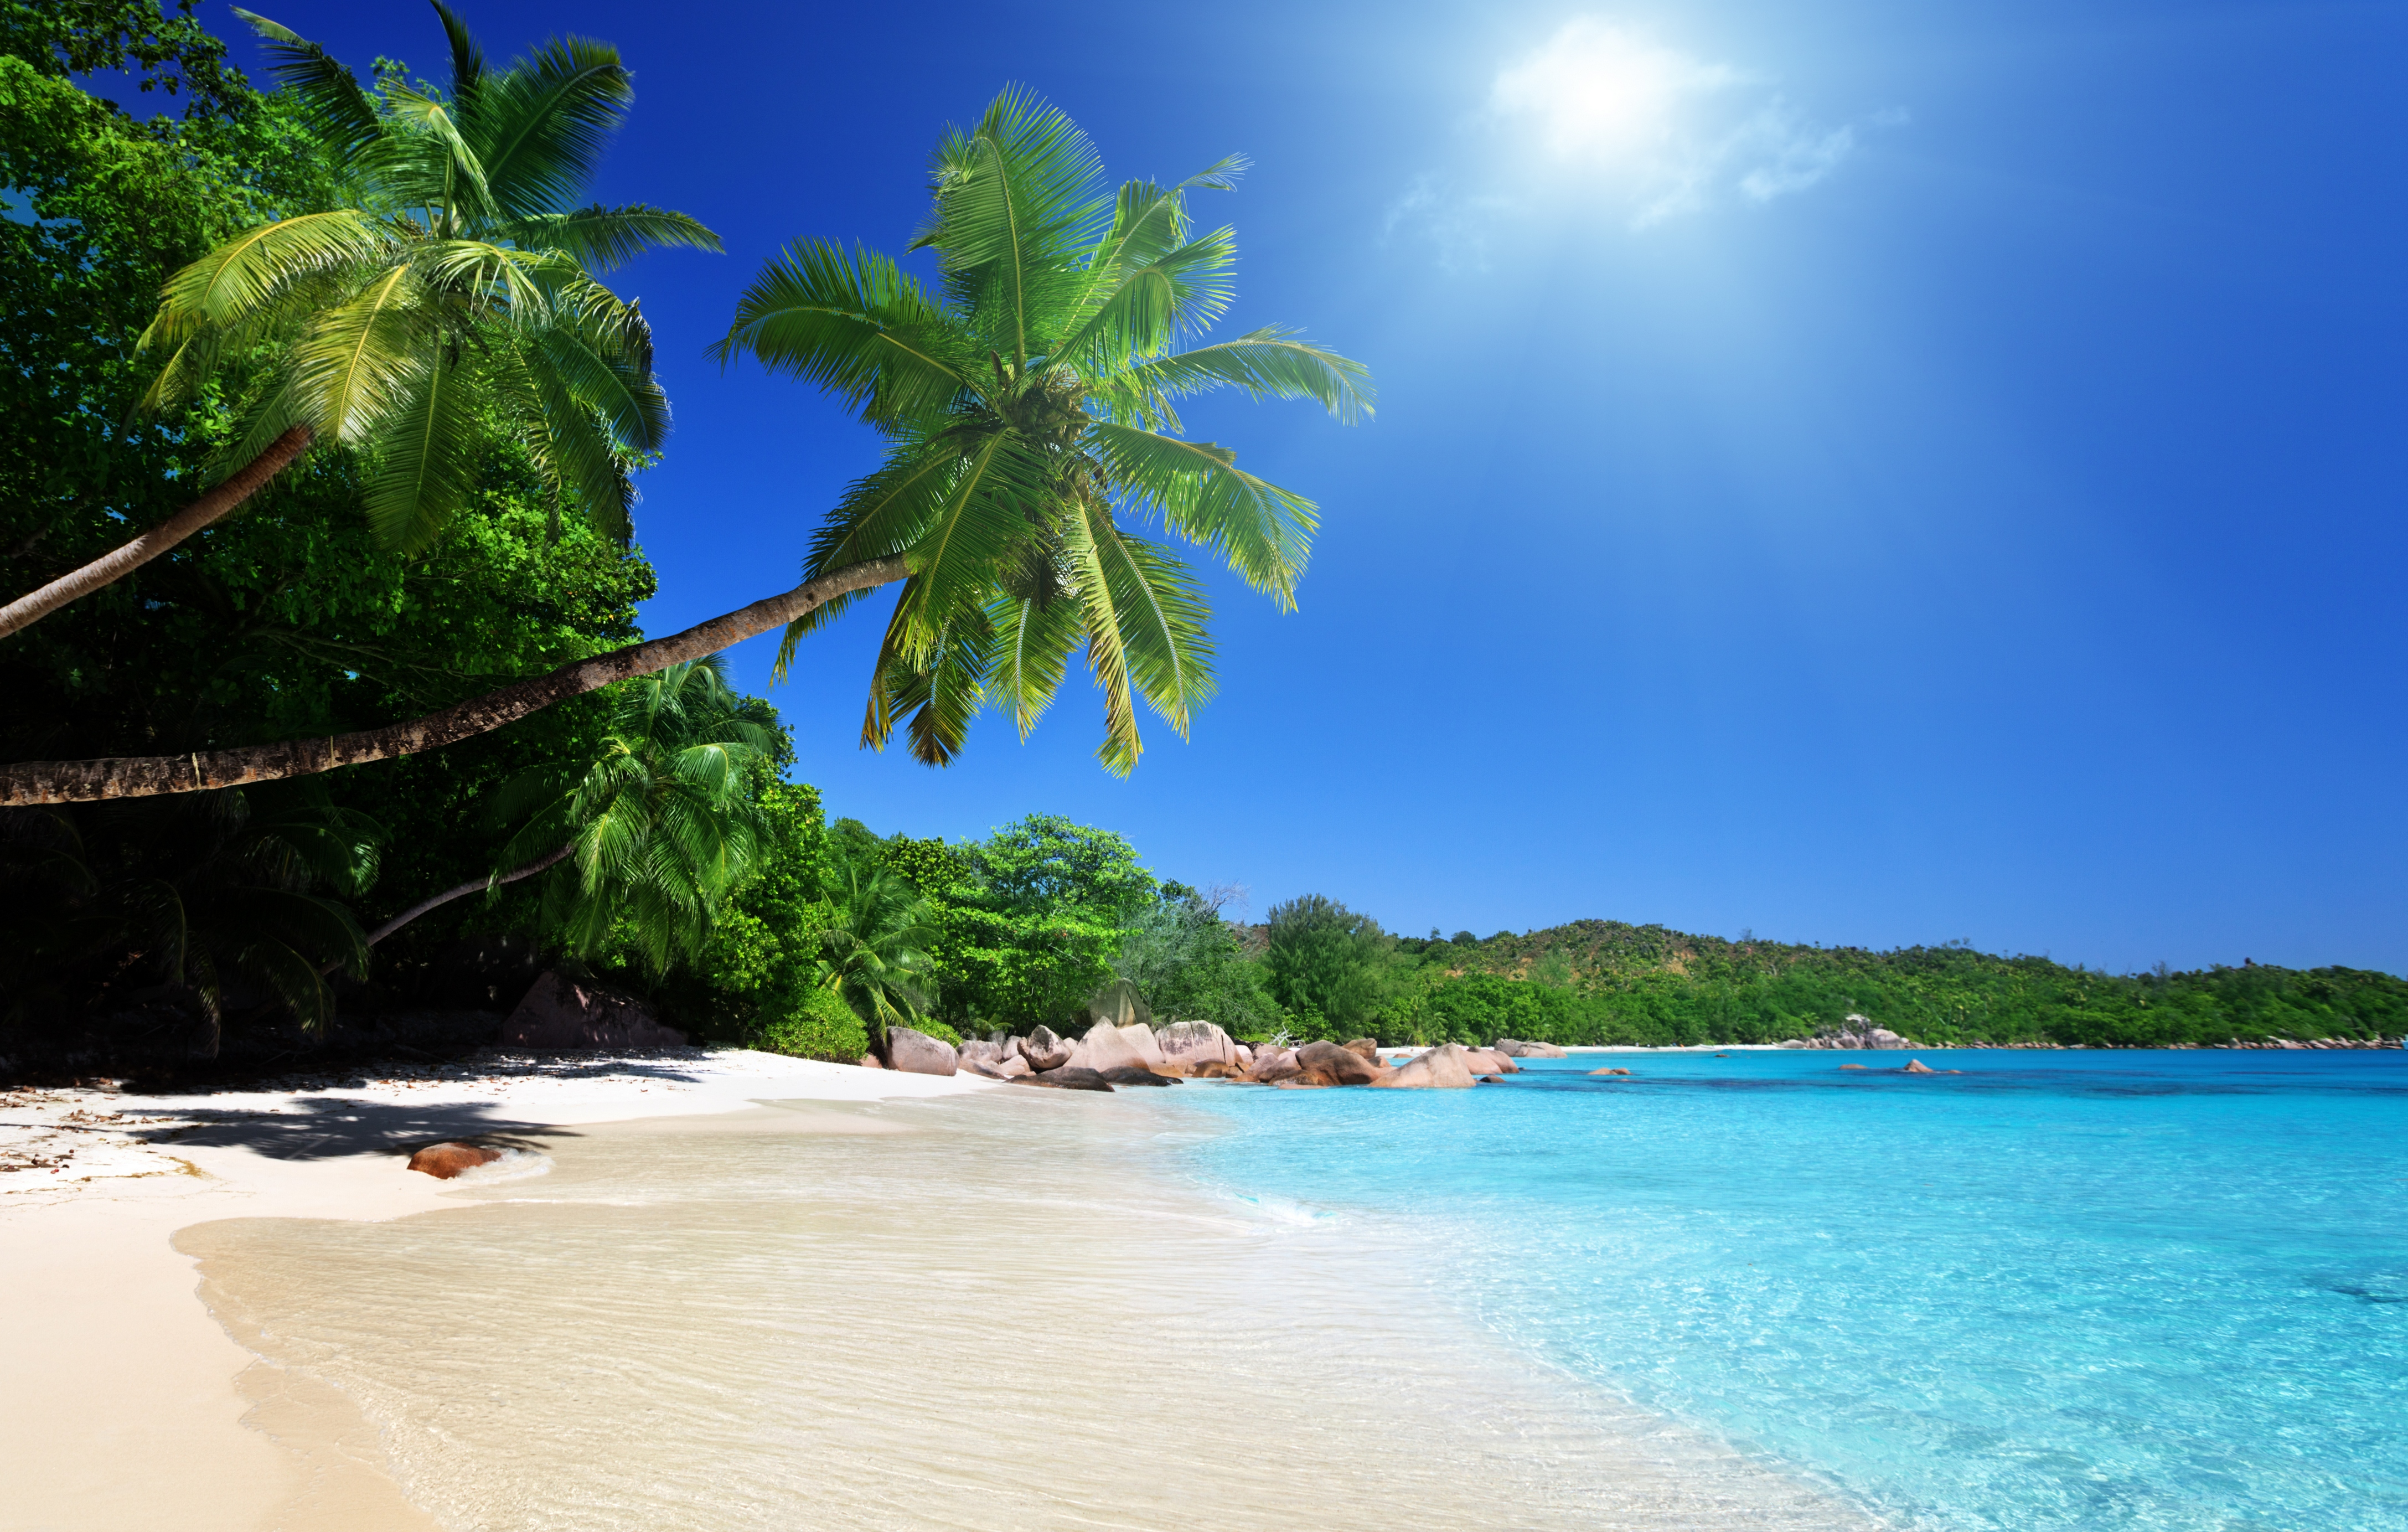 Tropical Beach wallpaper   ForWallpapercom 4350x2767